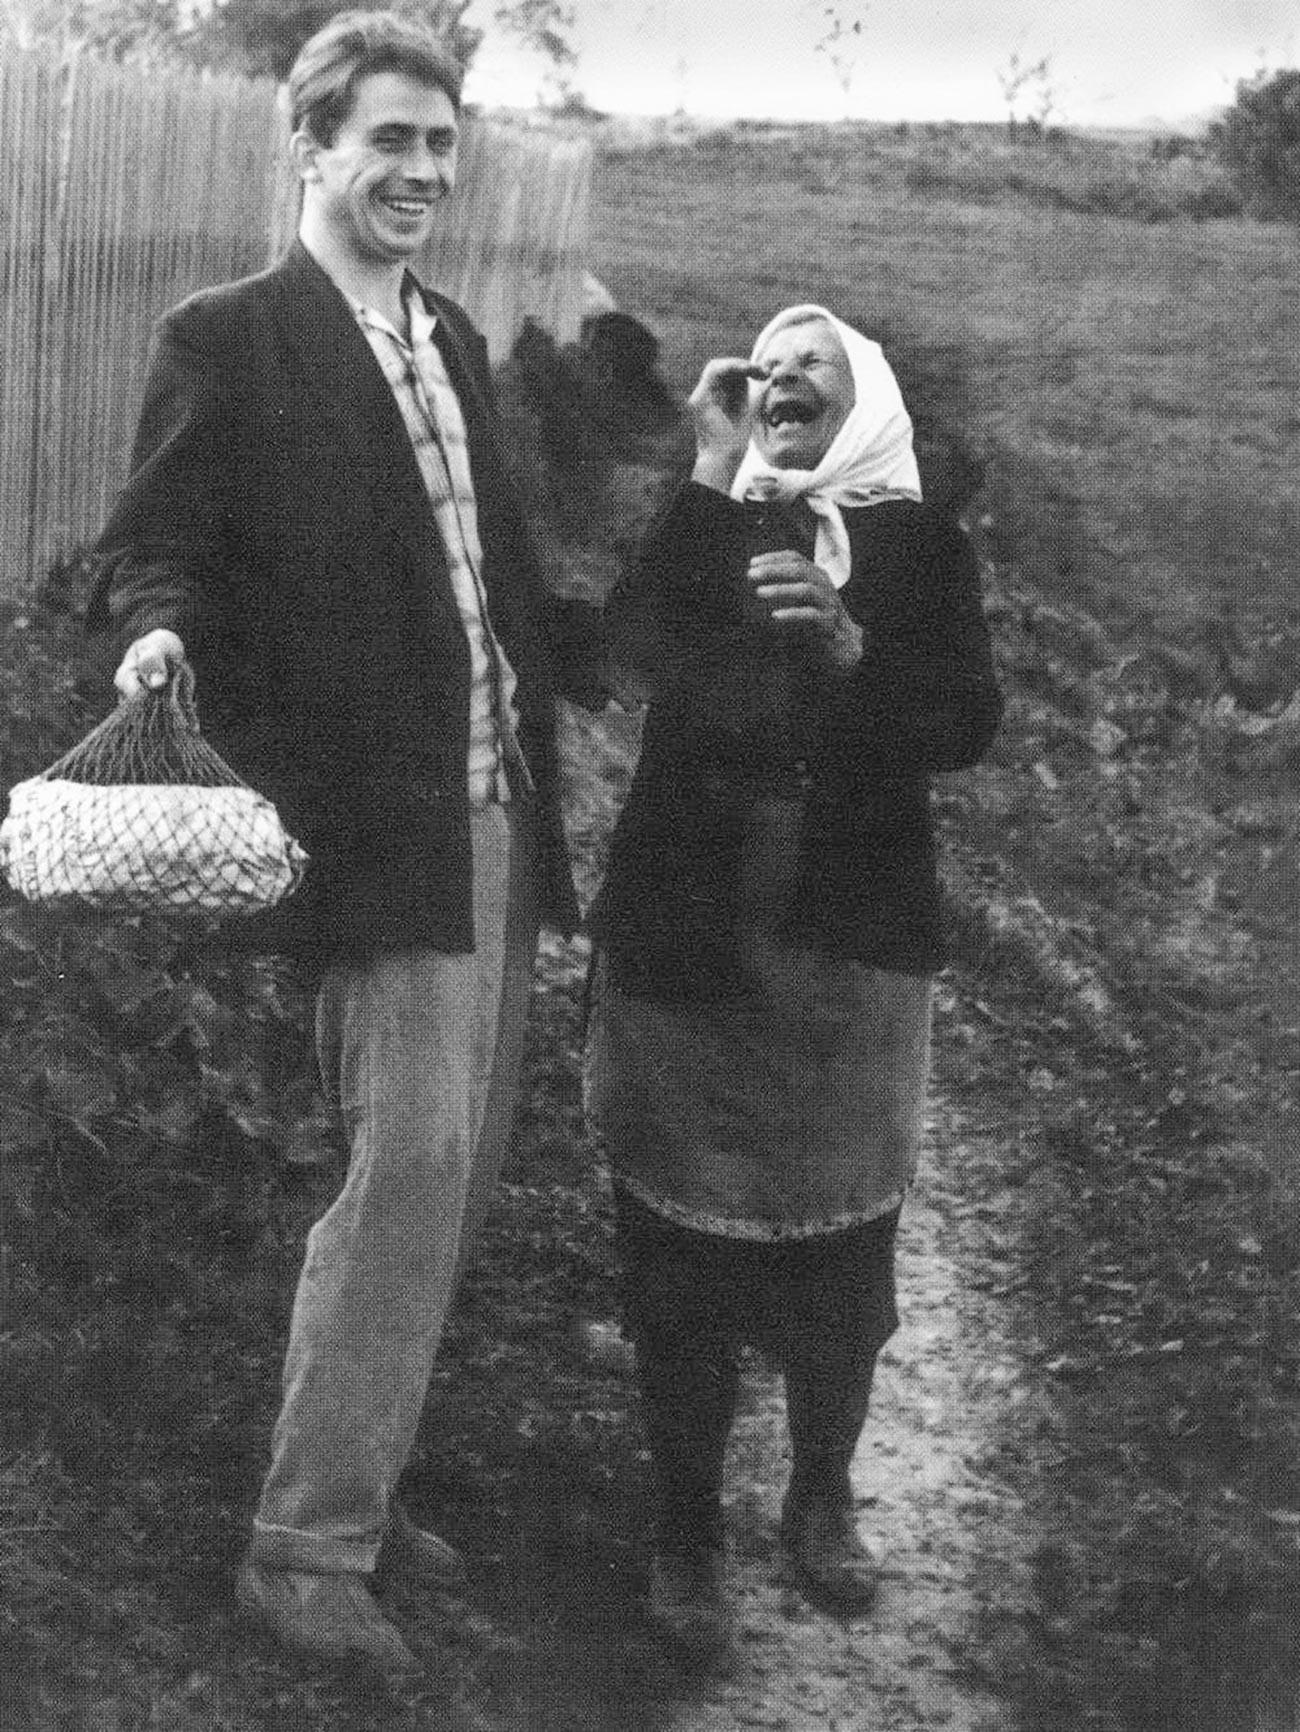 Eine Großmutter und ihr Enkel, 1960er Jahre